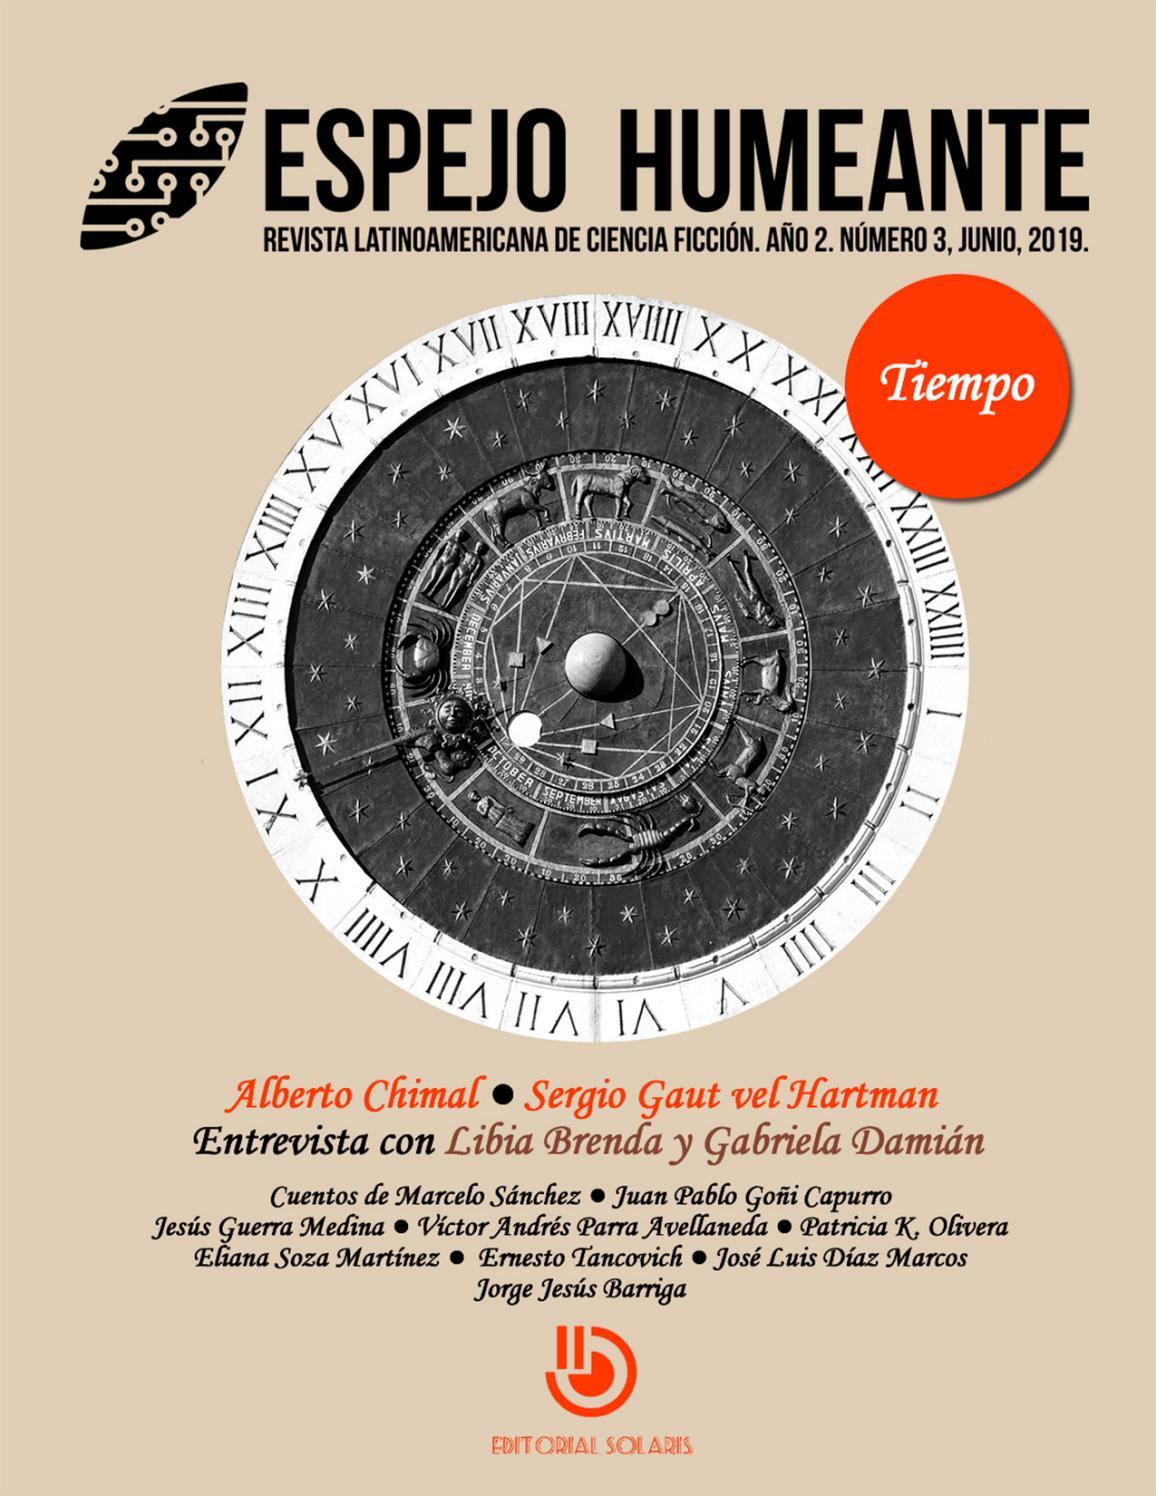 Revista Espejo Humeante, Número 3, Junio 2019 by Revista Espejo Humeante -  issuu